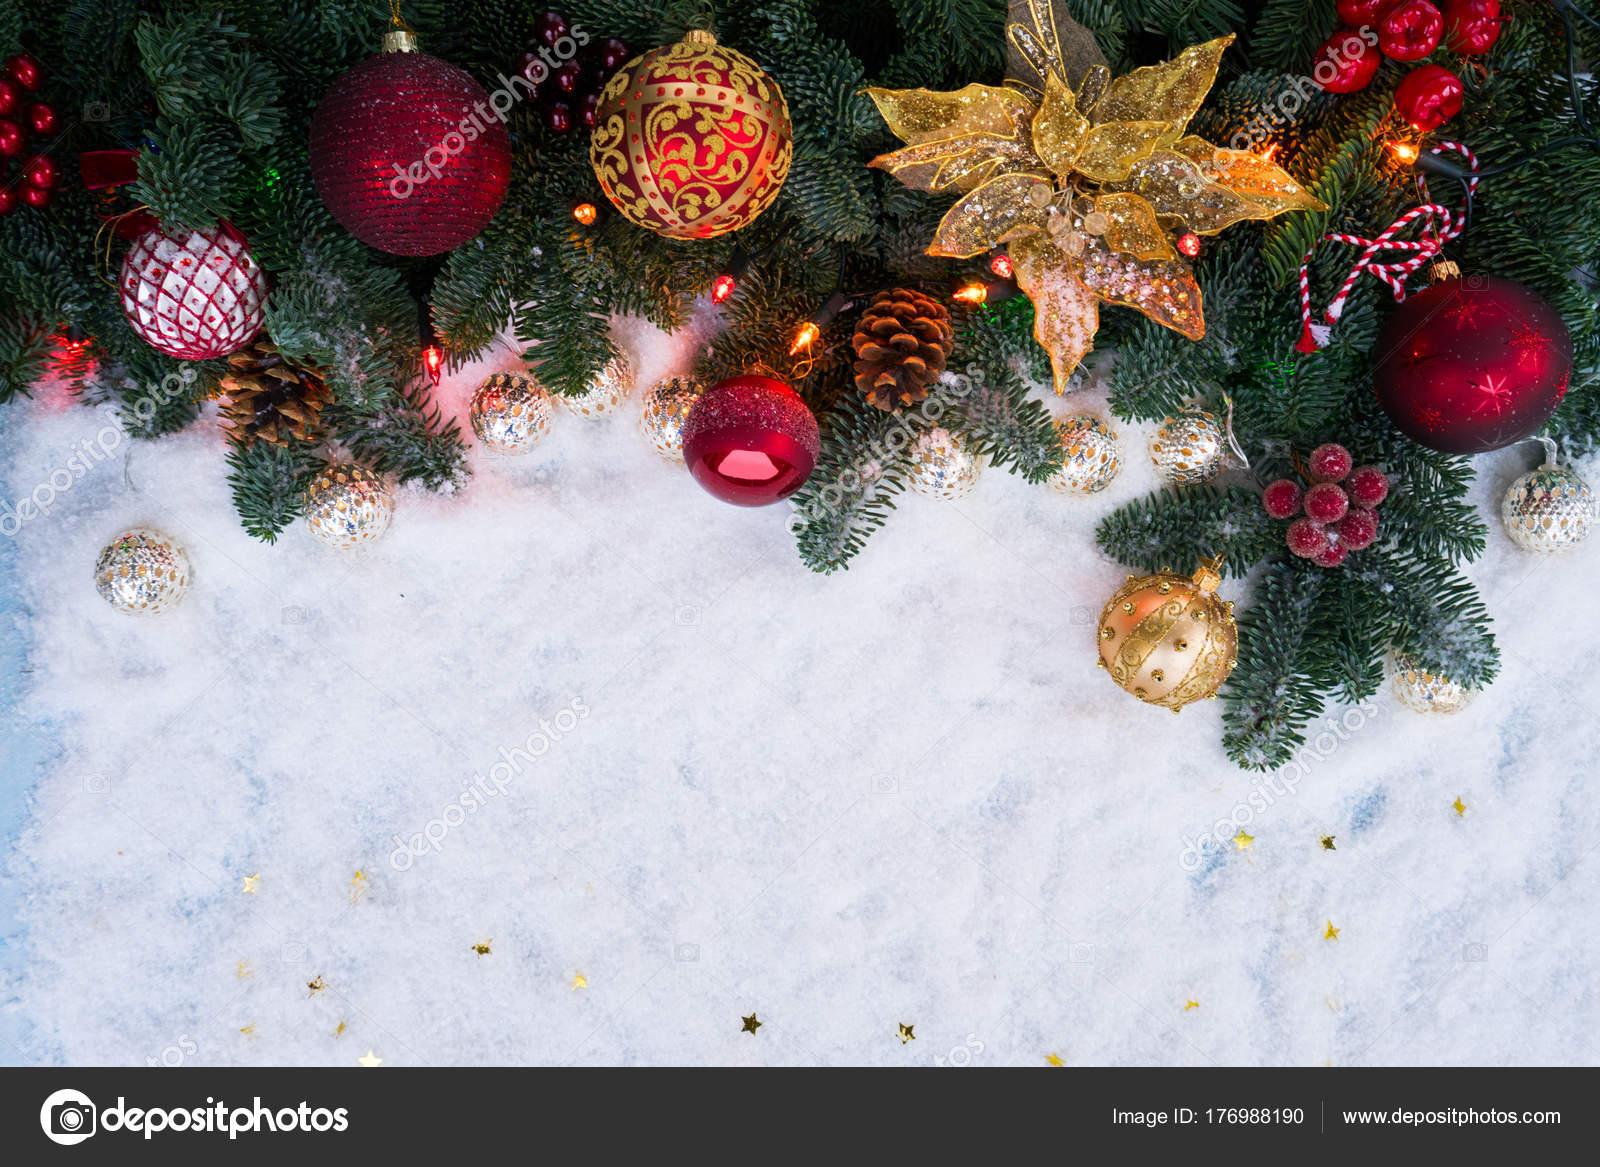 Weihnachtsszene mit Schnee — Stockfoto © Neirfys #176988190